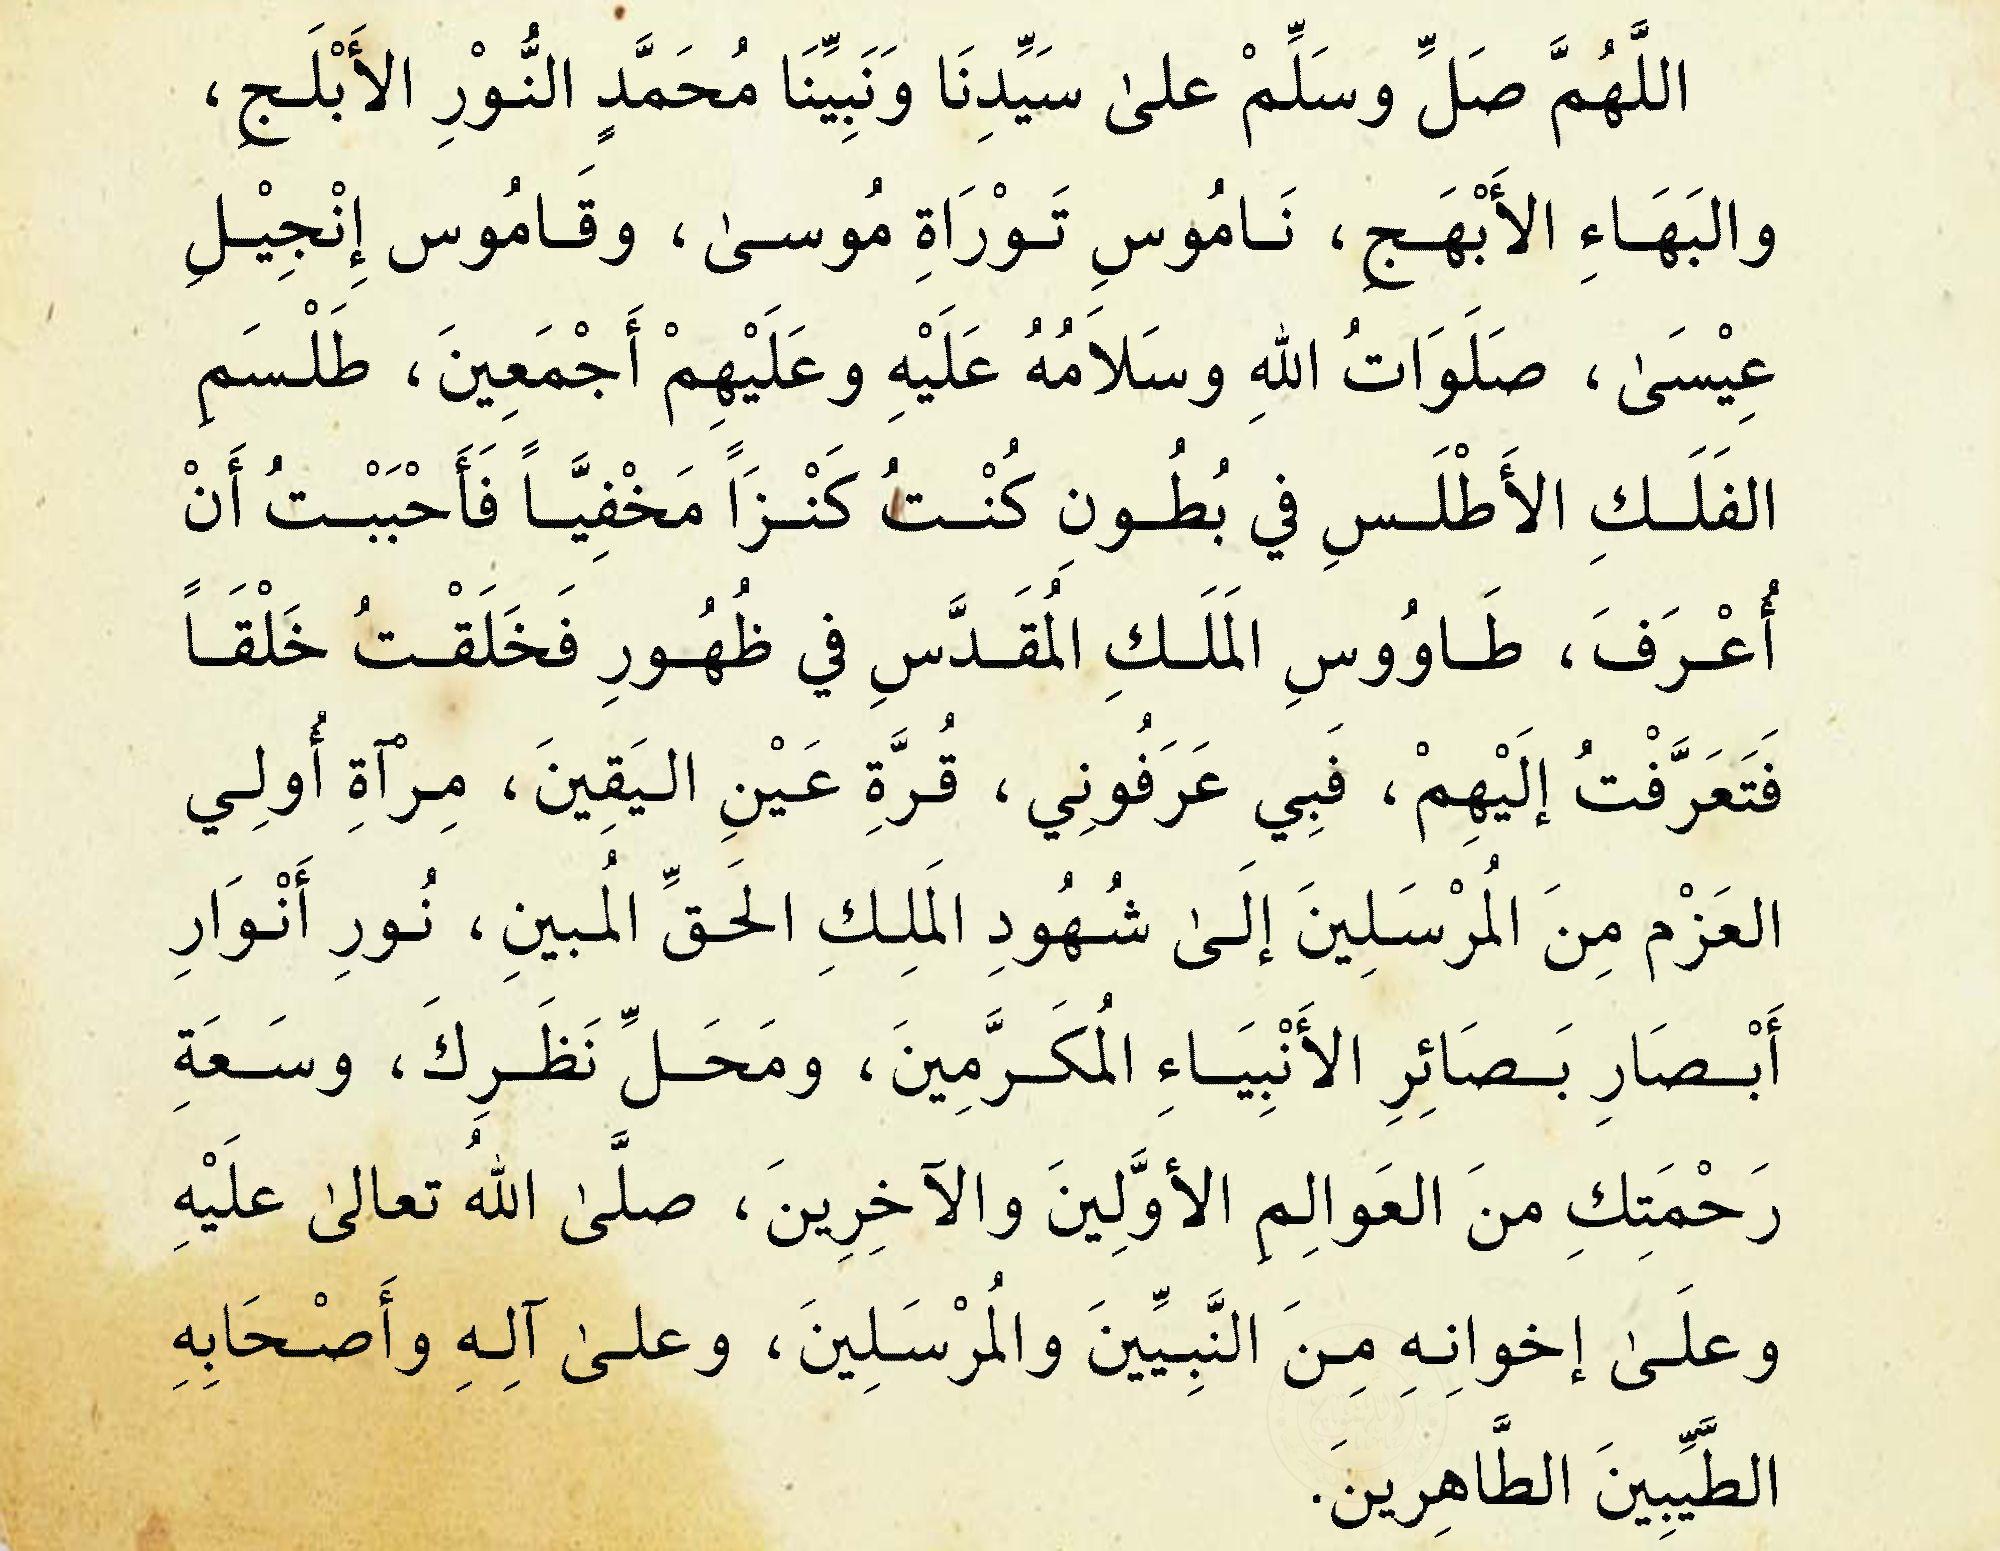 اللهم صلي على سيدنا محمد النبي الامي الحبيب المحبوب